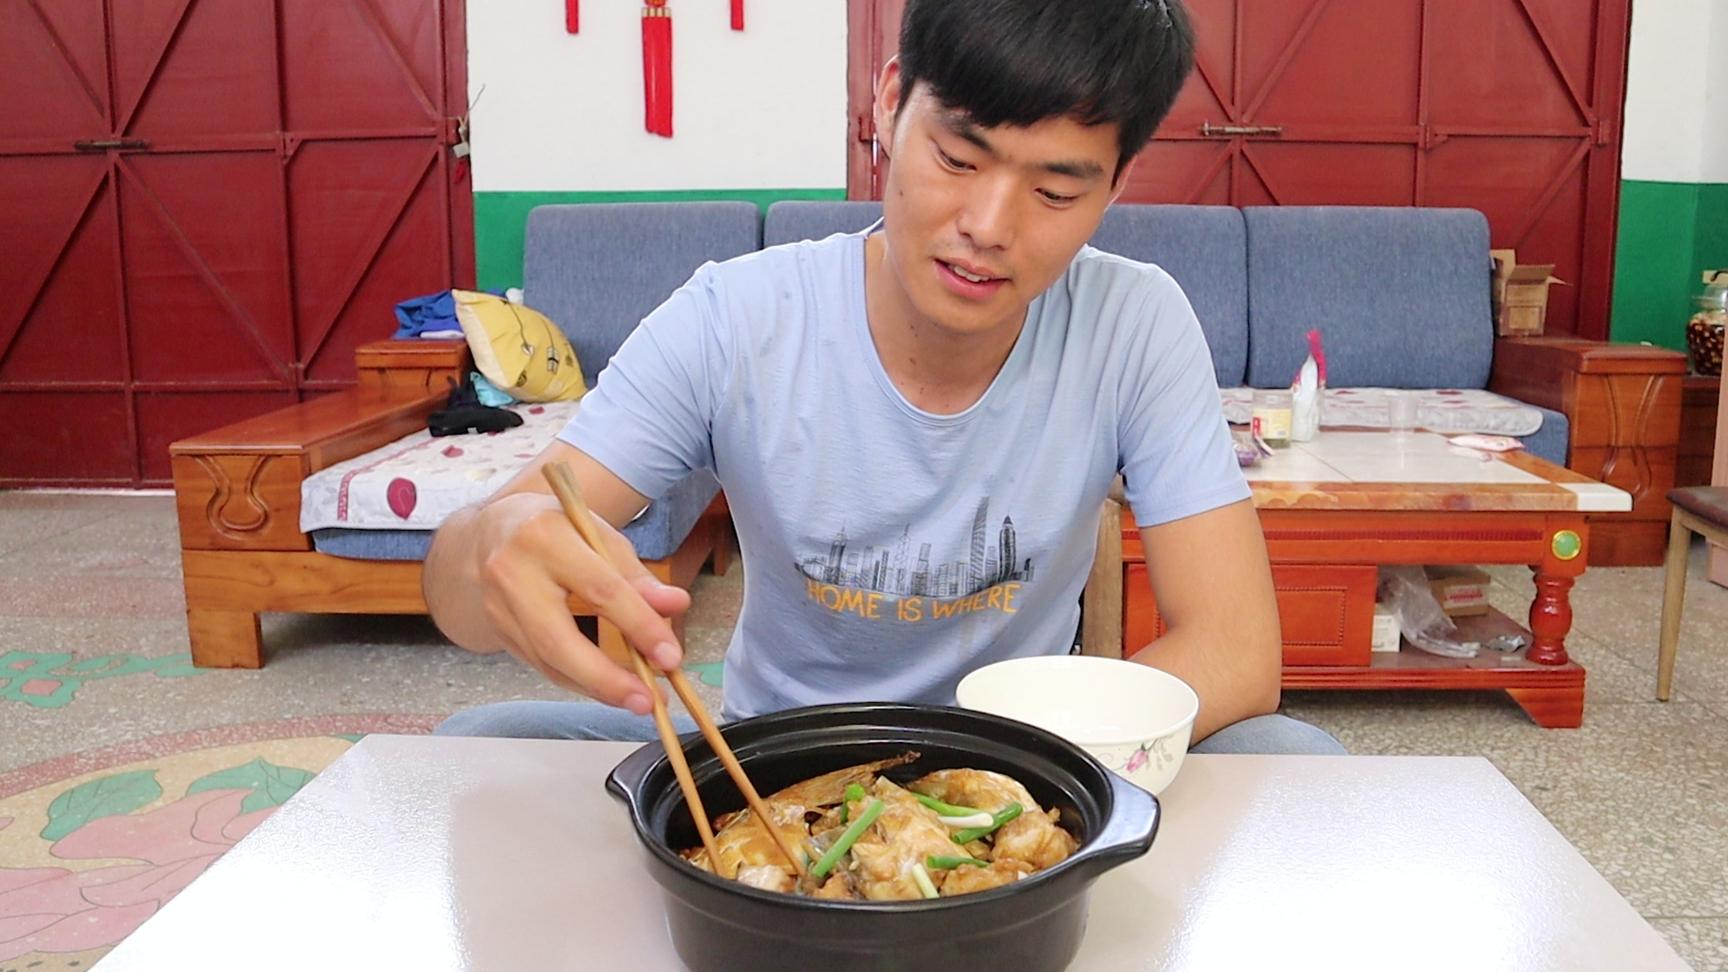 小宋今天做蒜香砂锅鱼头,出锅香气瞬间扑鼻,简直比饭店的还好吃